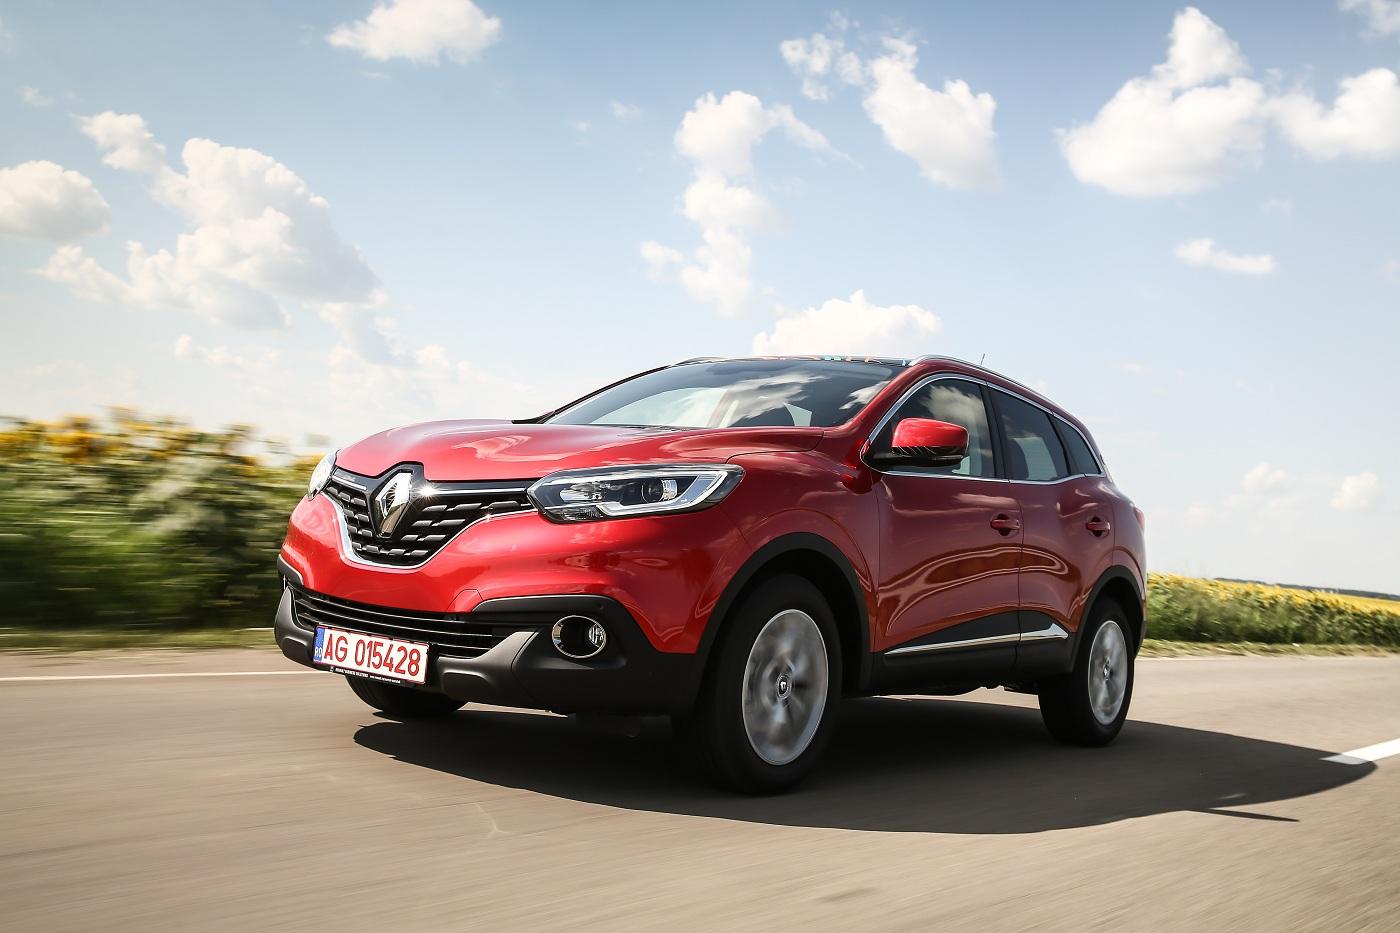 Renault Olimpic - Kadjar 02